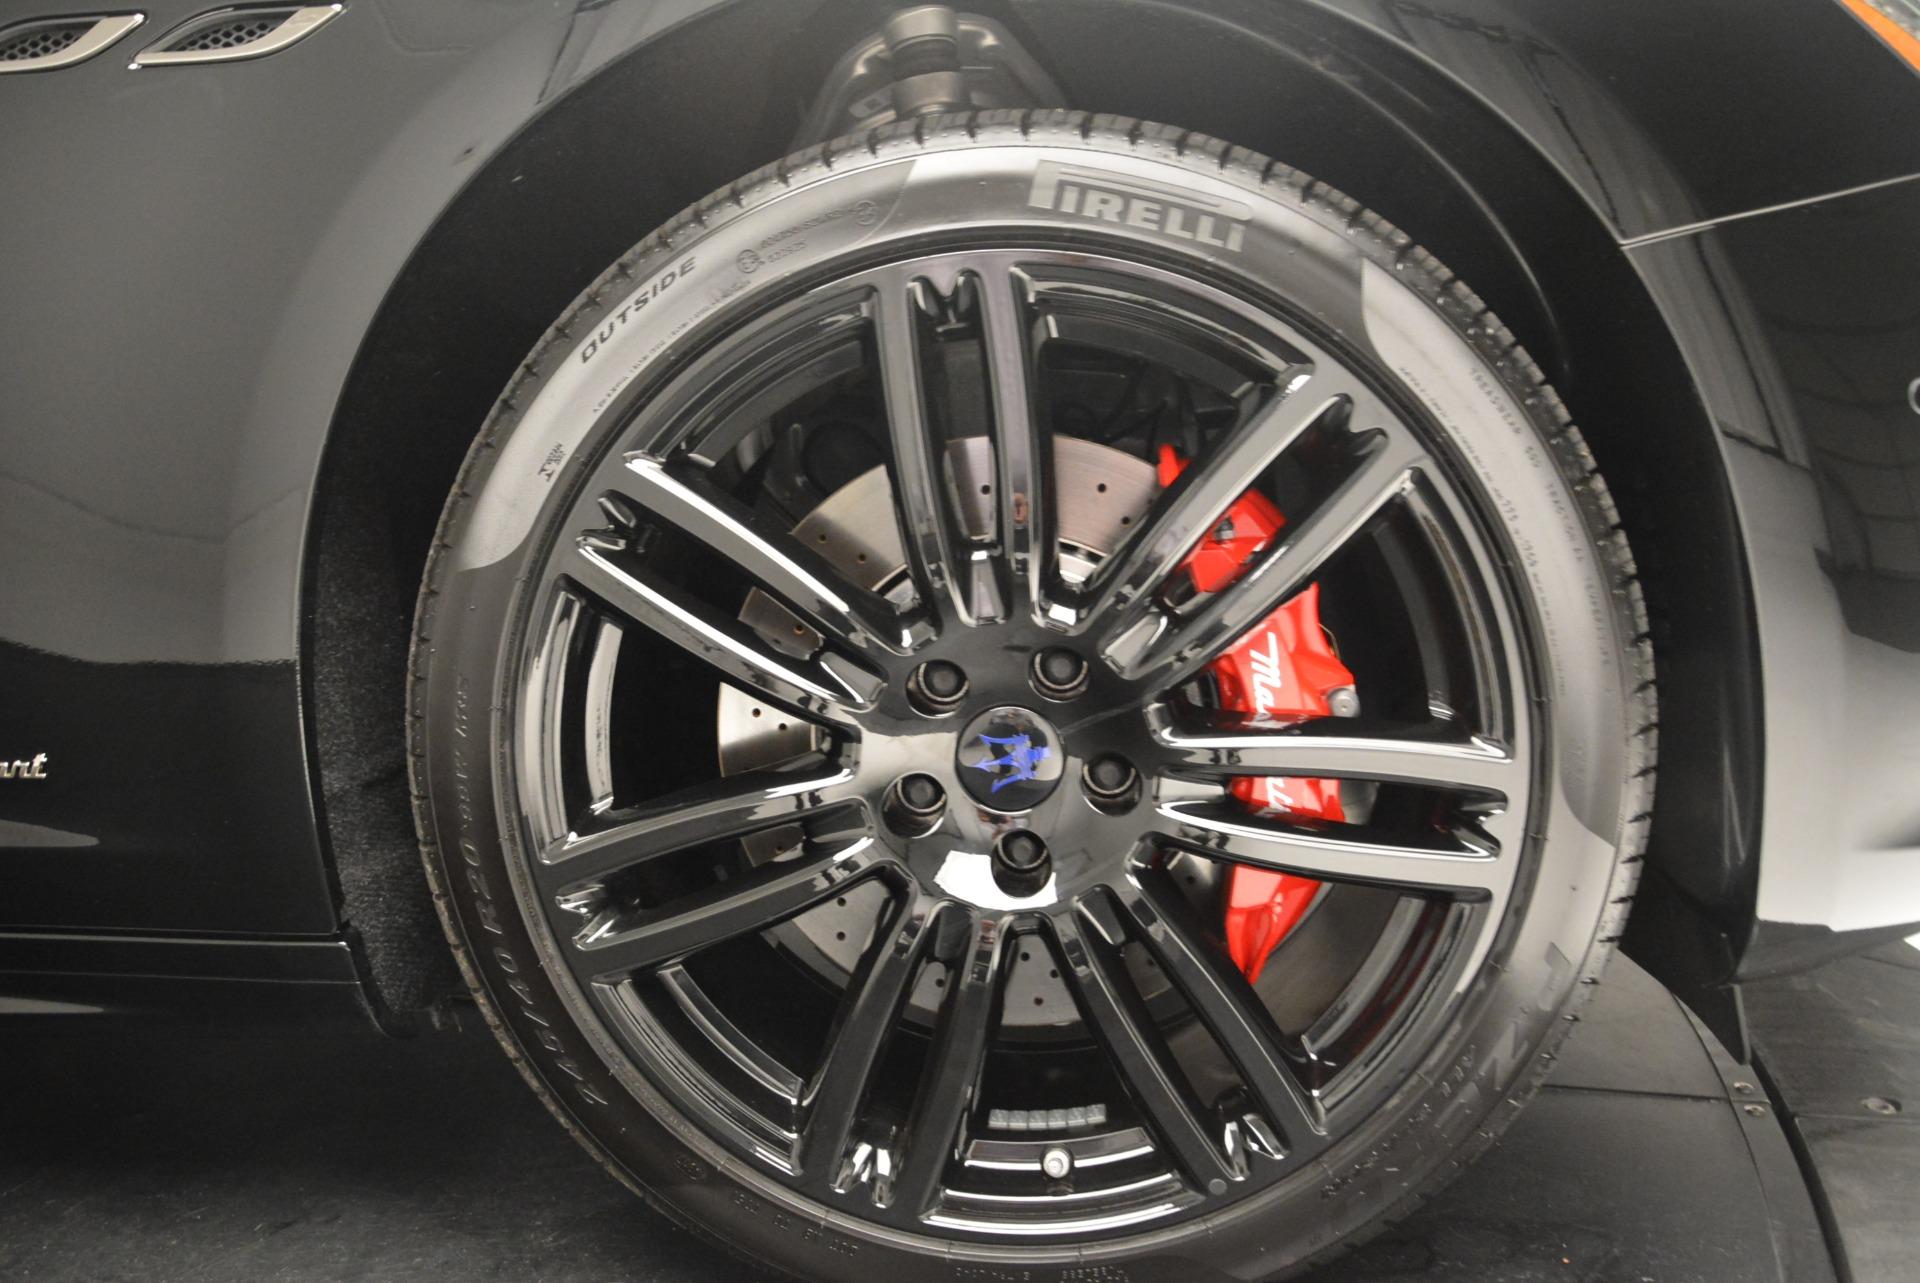 New 2018 Maserati Ghibli SQ4 GranSport Nerissimo For Sale In Greenwich, CT 2368_p25